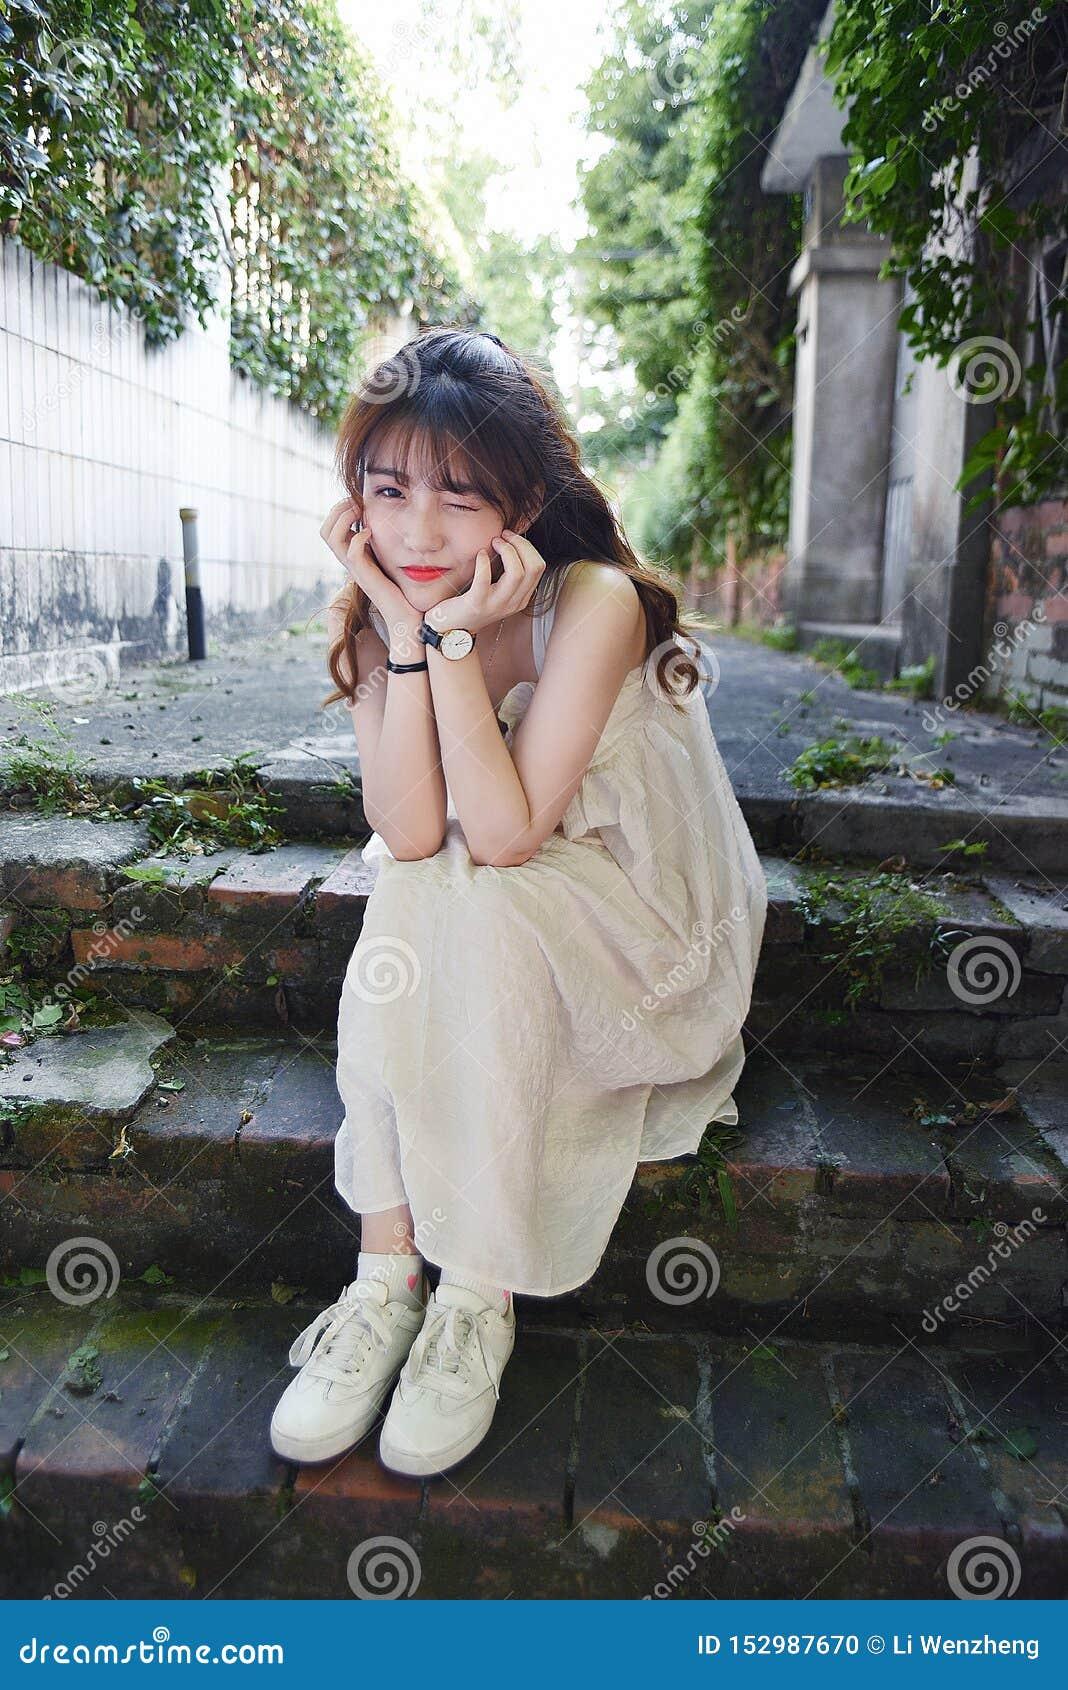 La muchacha asiática hermosa y preciosa muestra su juventud en el parque